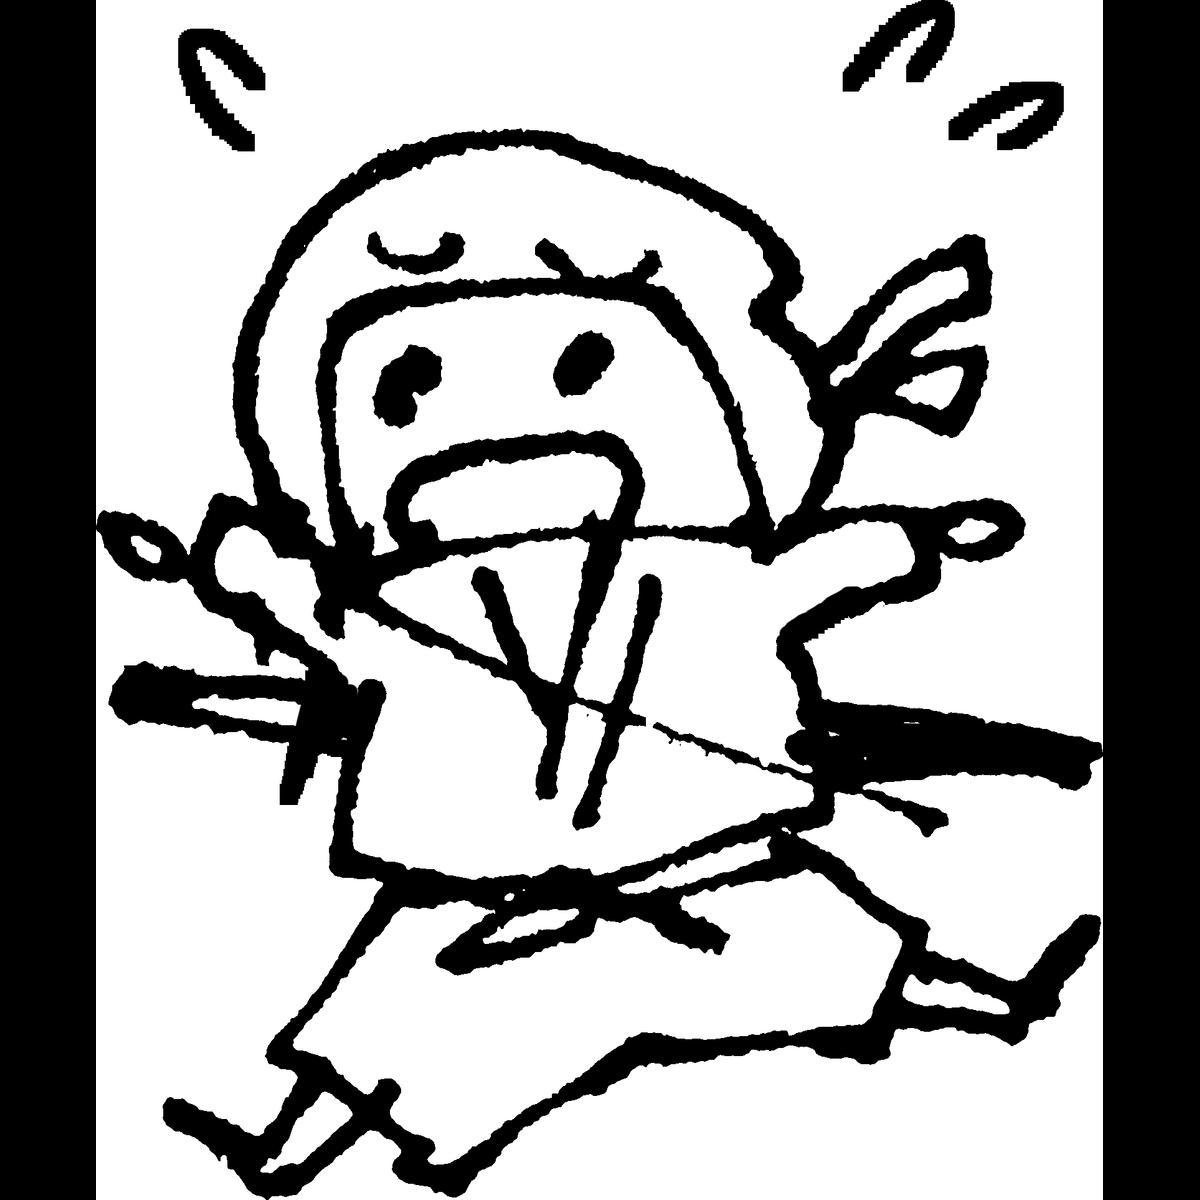 忍者 焦る・慌てるのイラスト Ninja Panic Illust